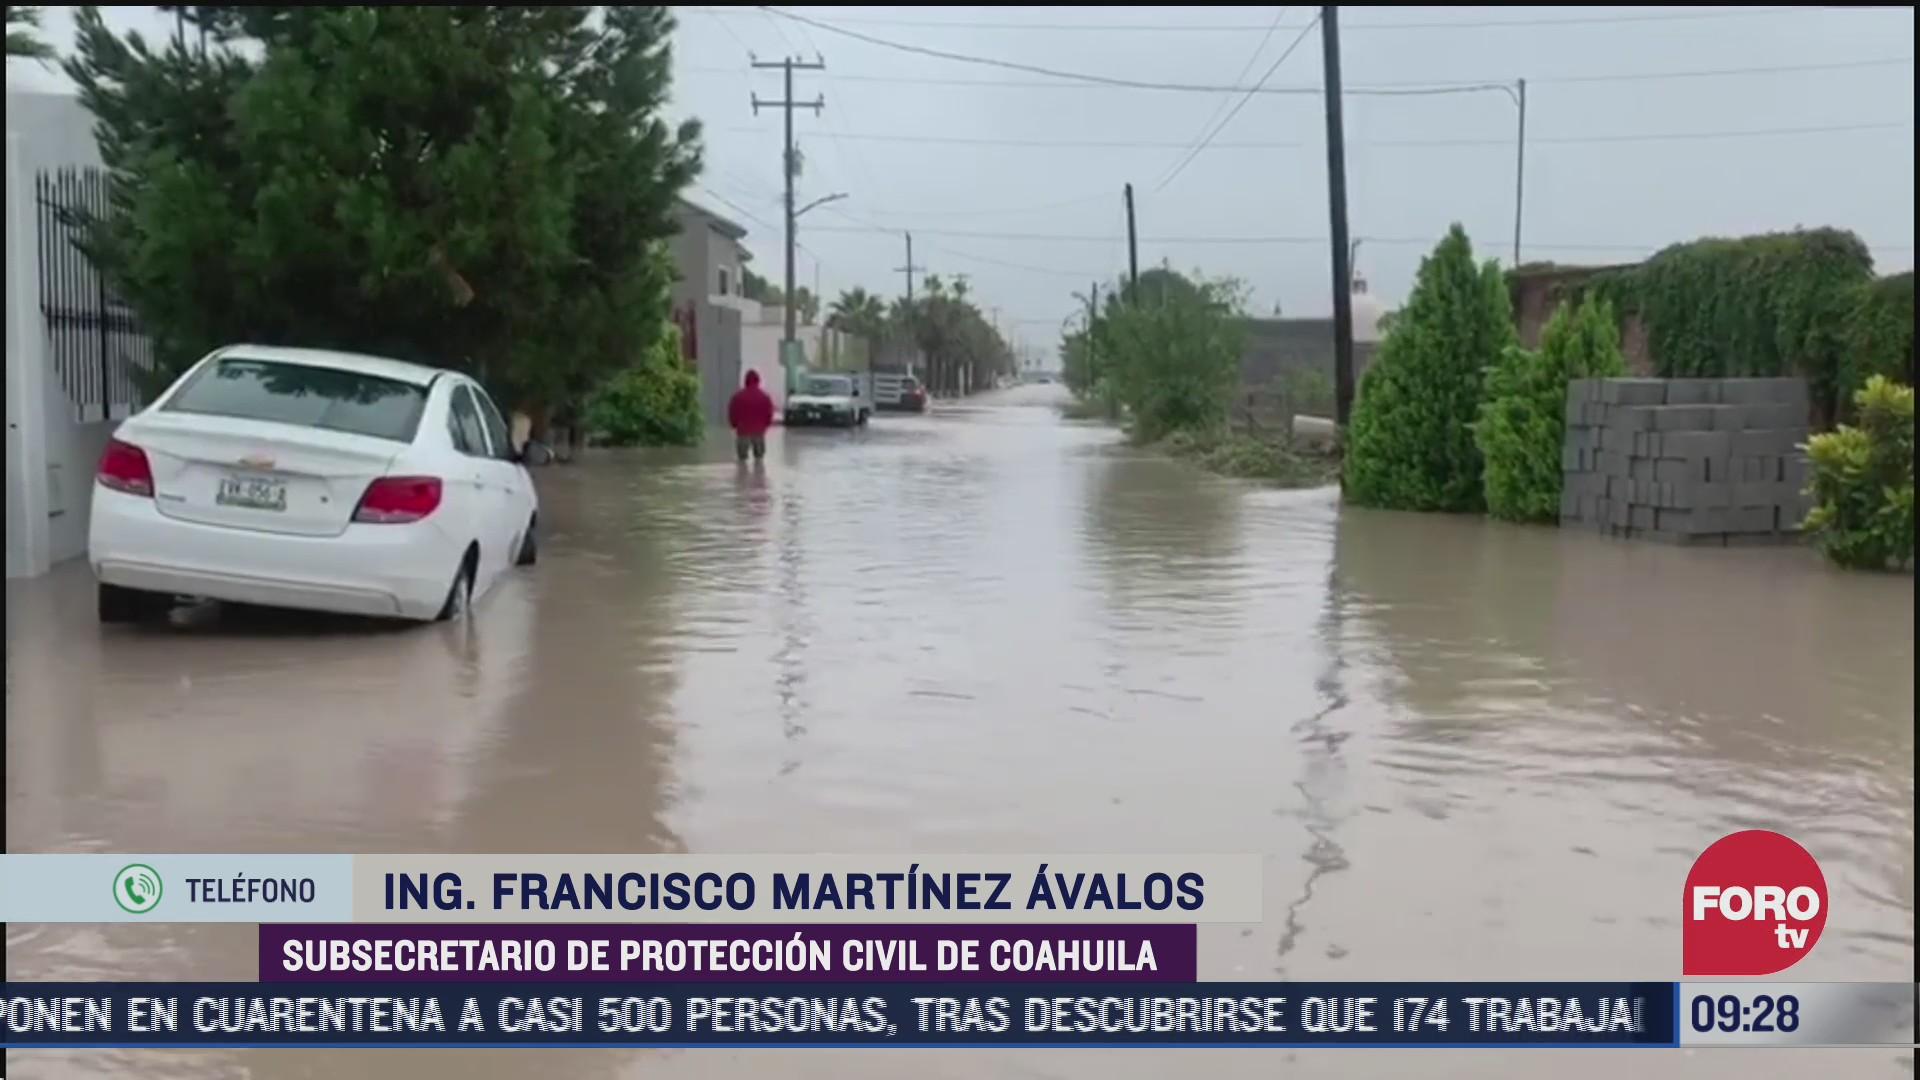 coahuila registra efectos graves tras lluvias por hanna